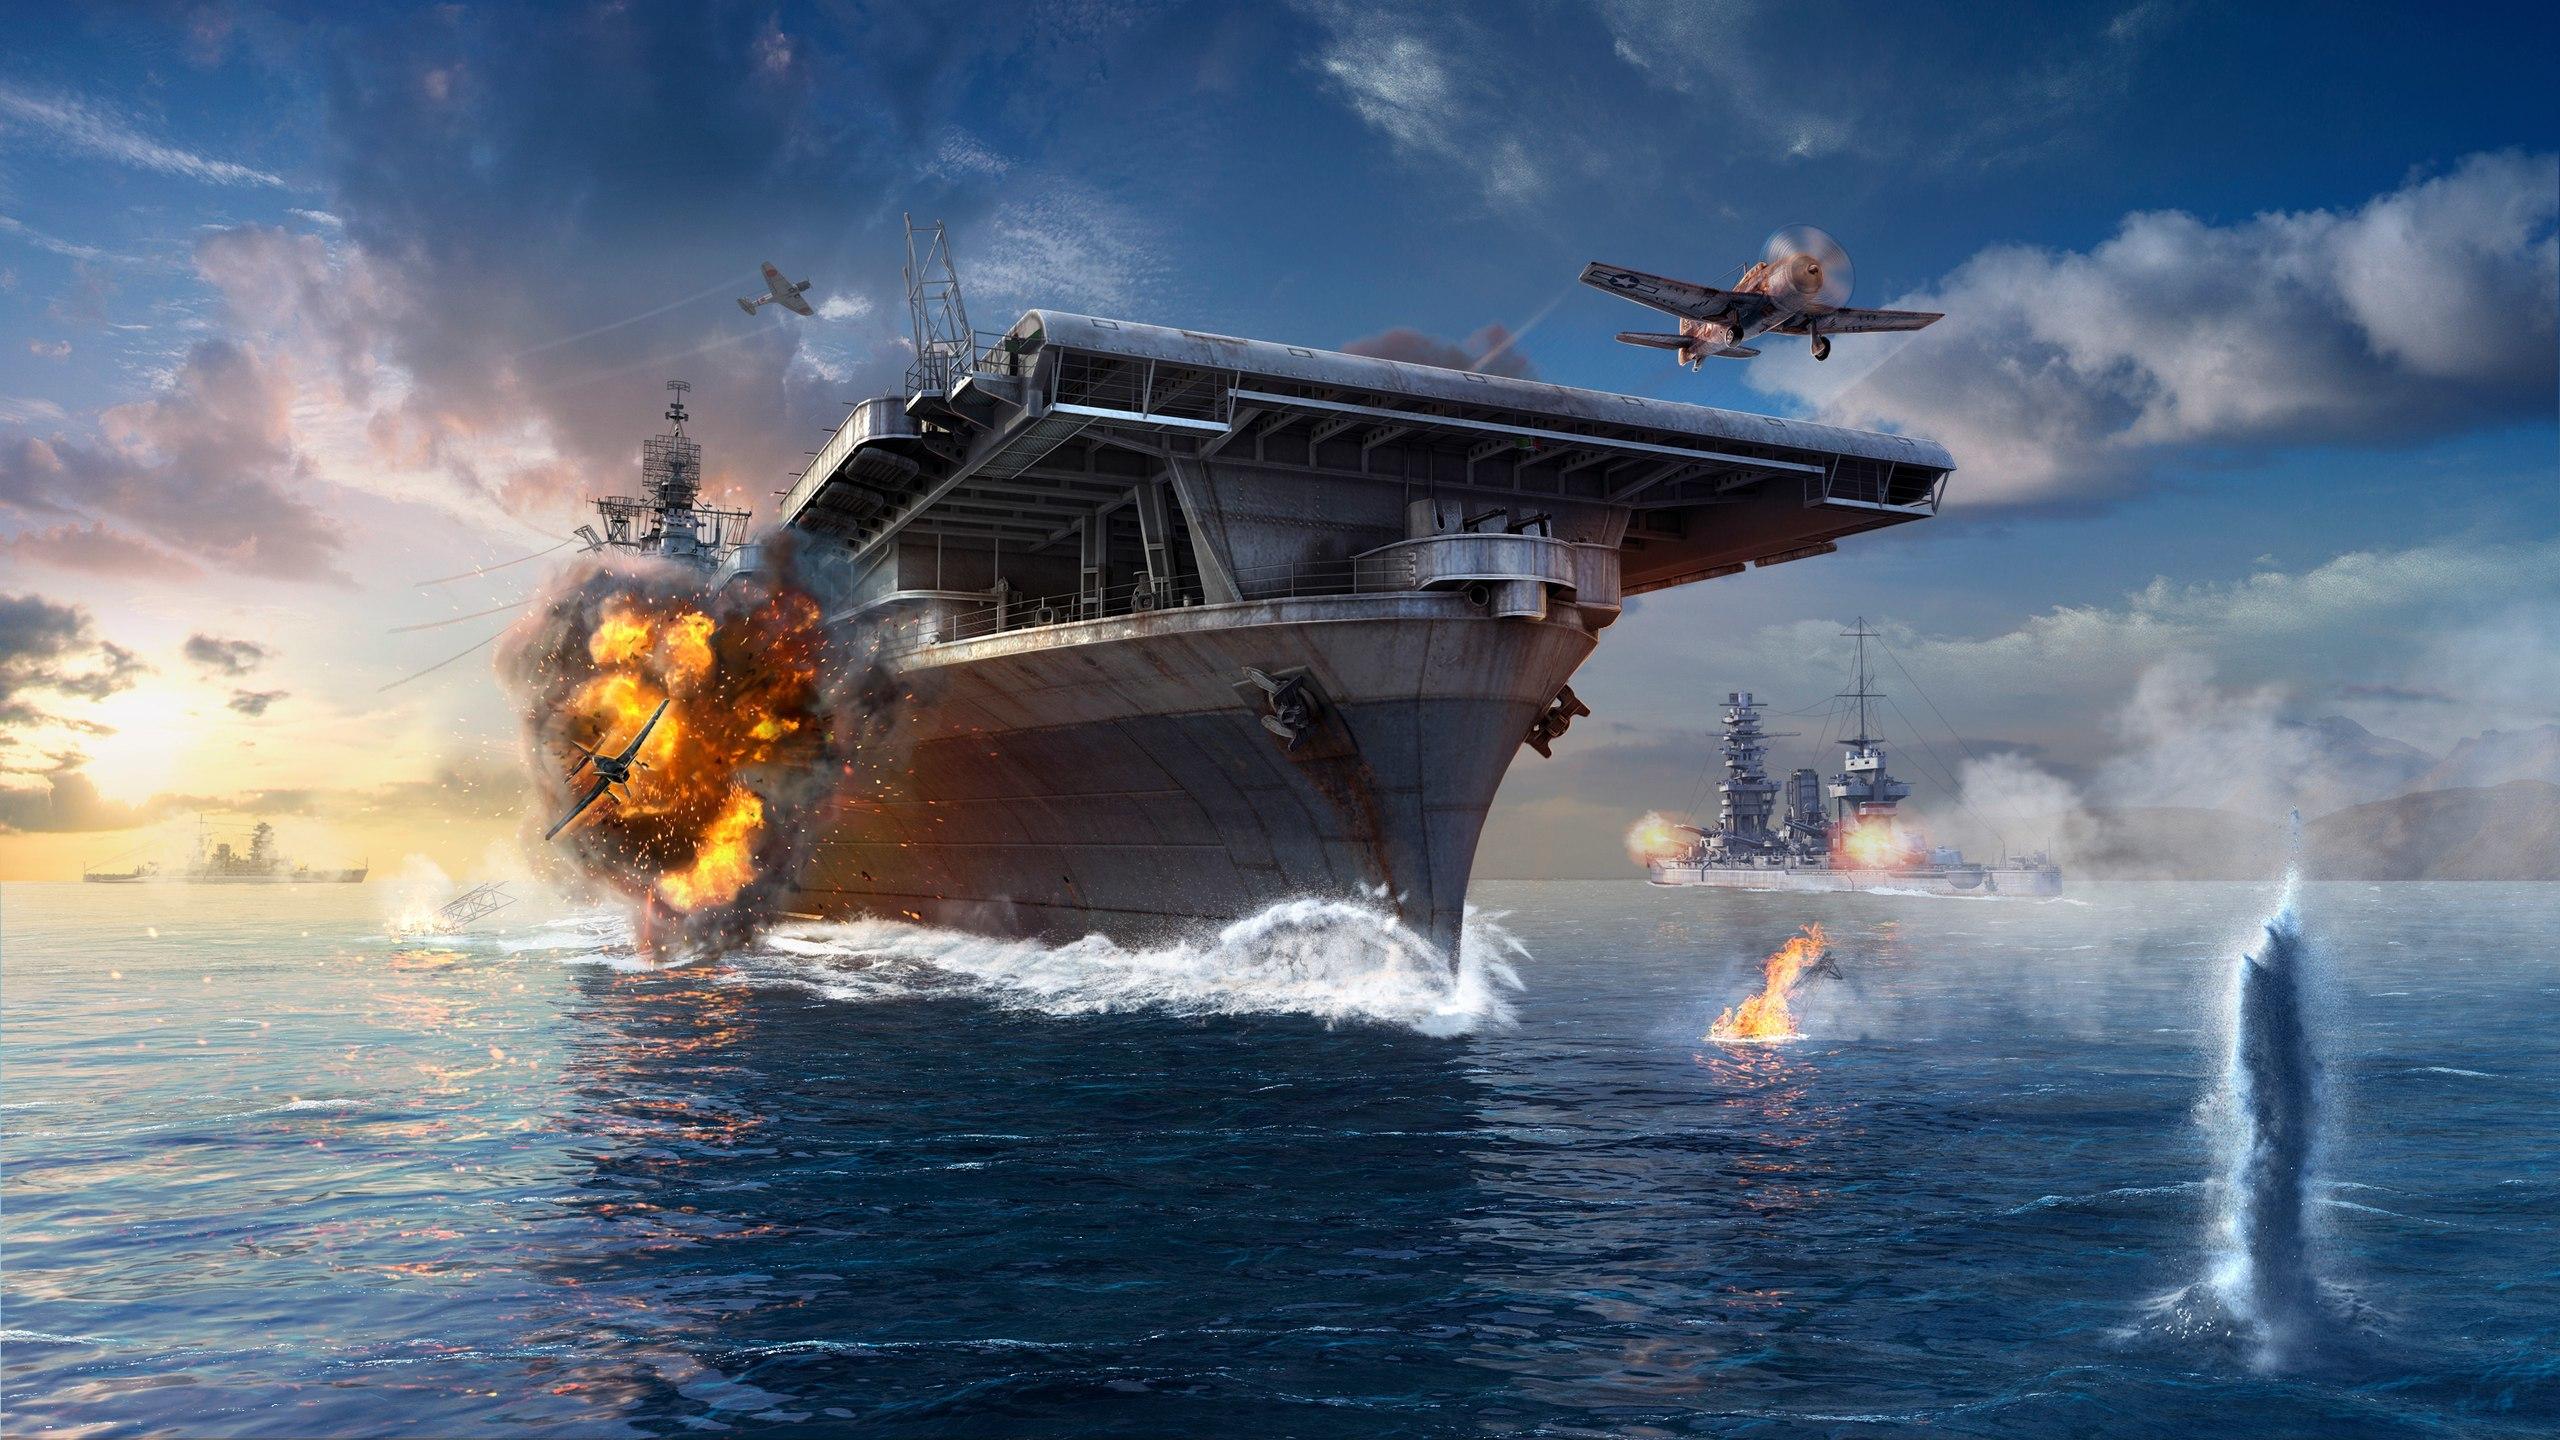 Обои для рабочего стола из игры world of warships